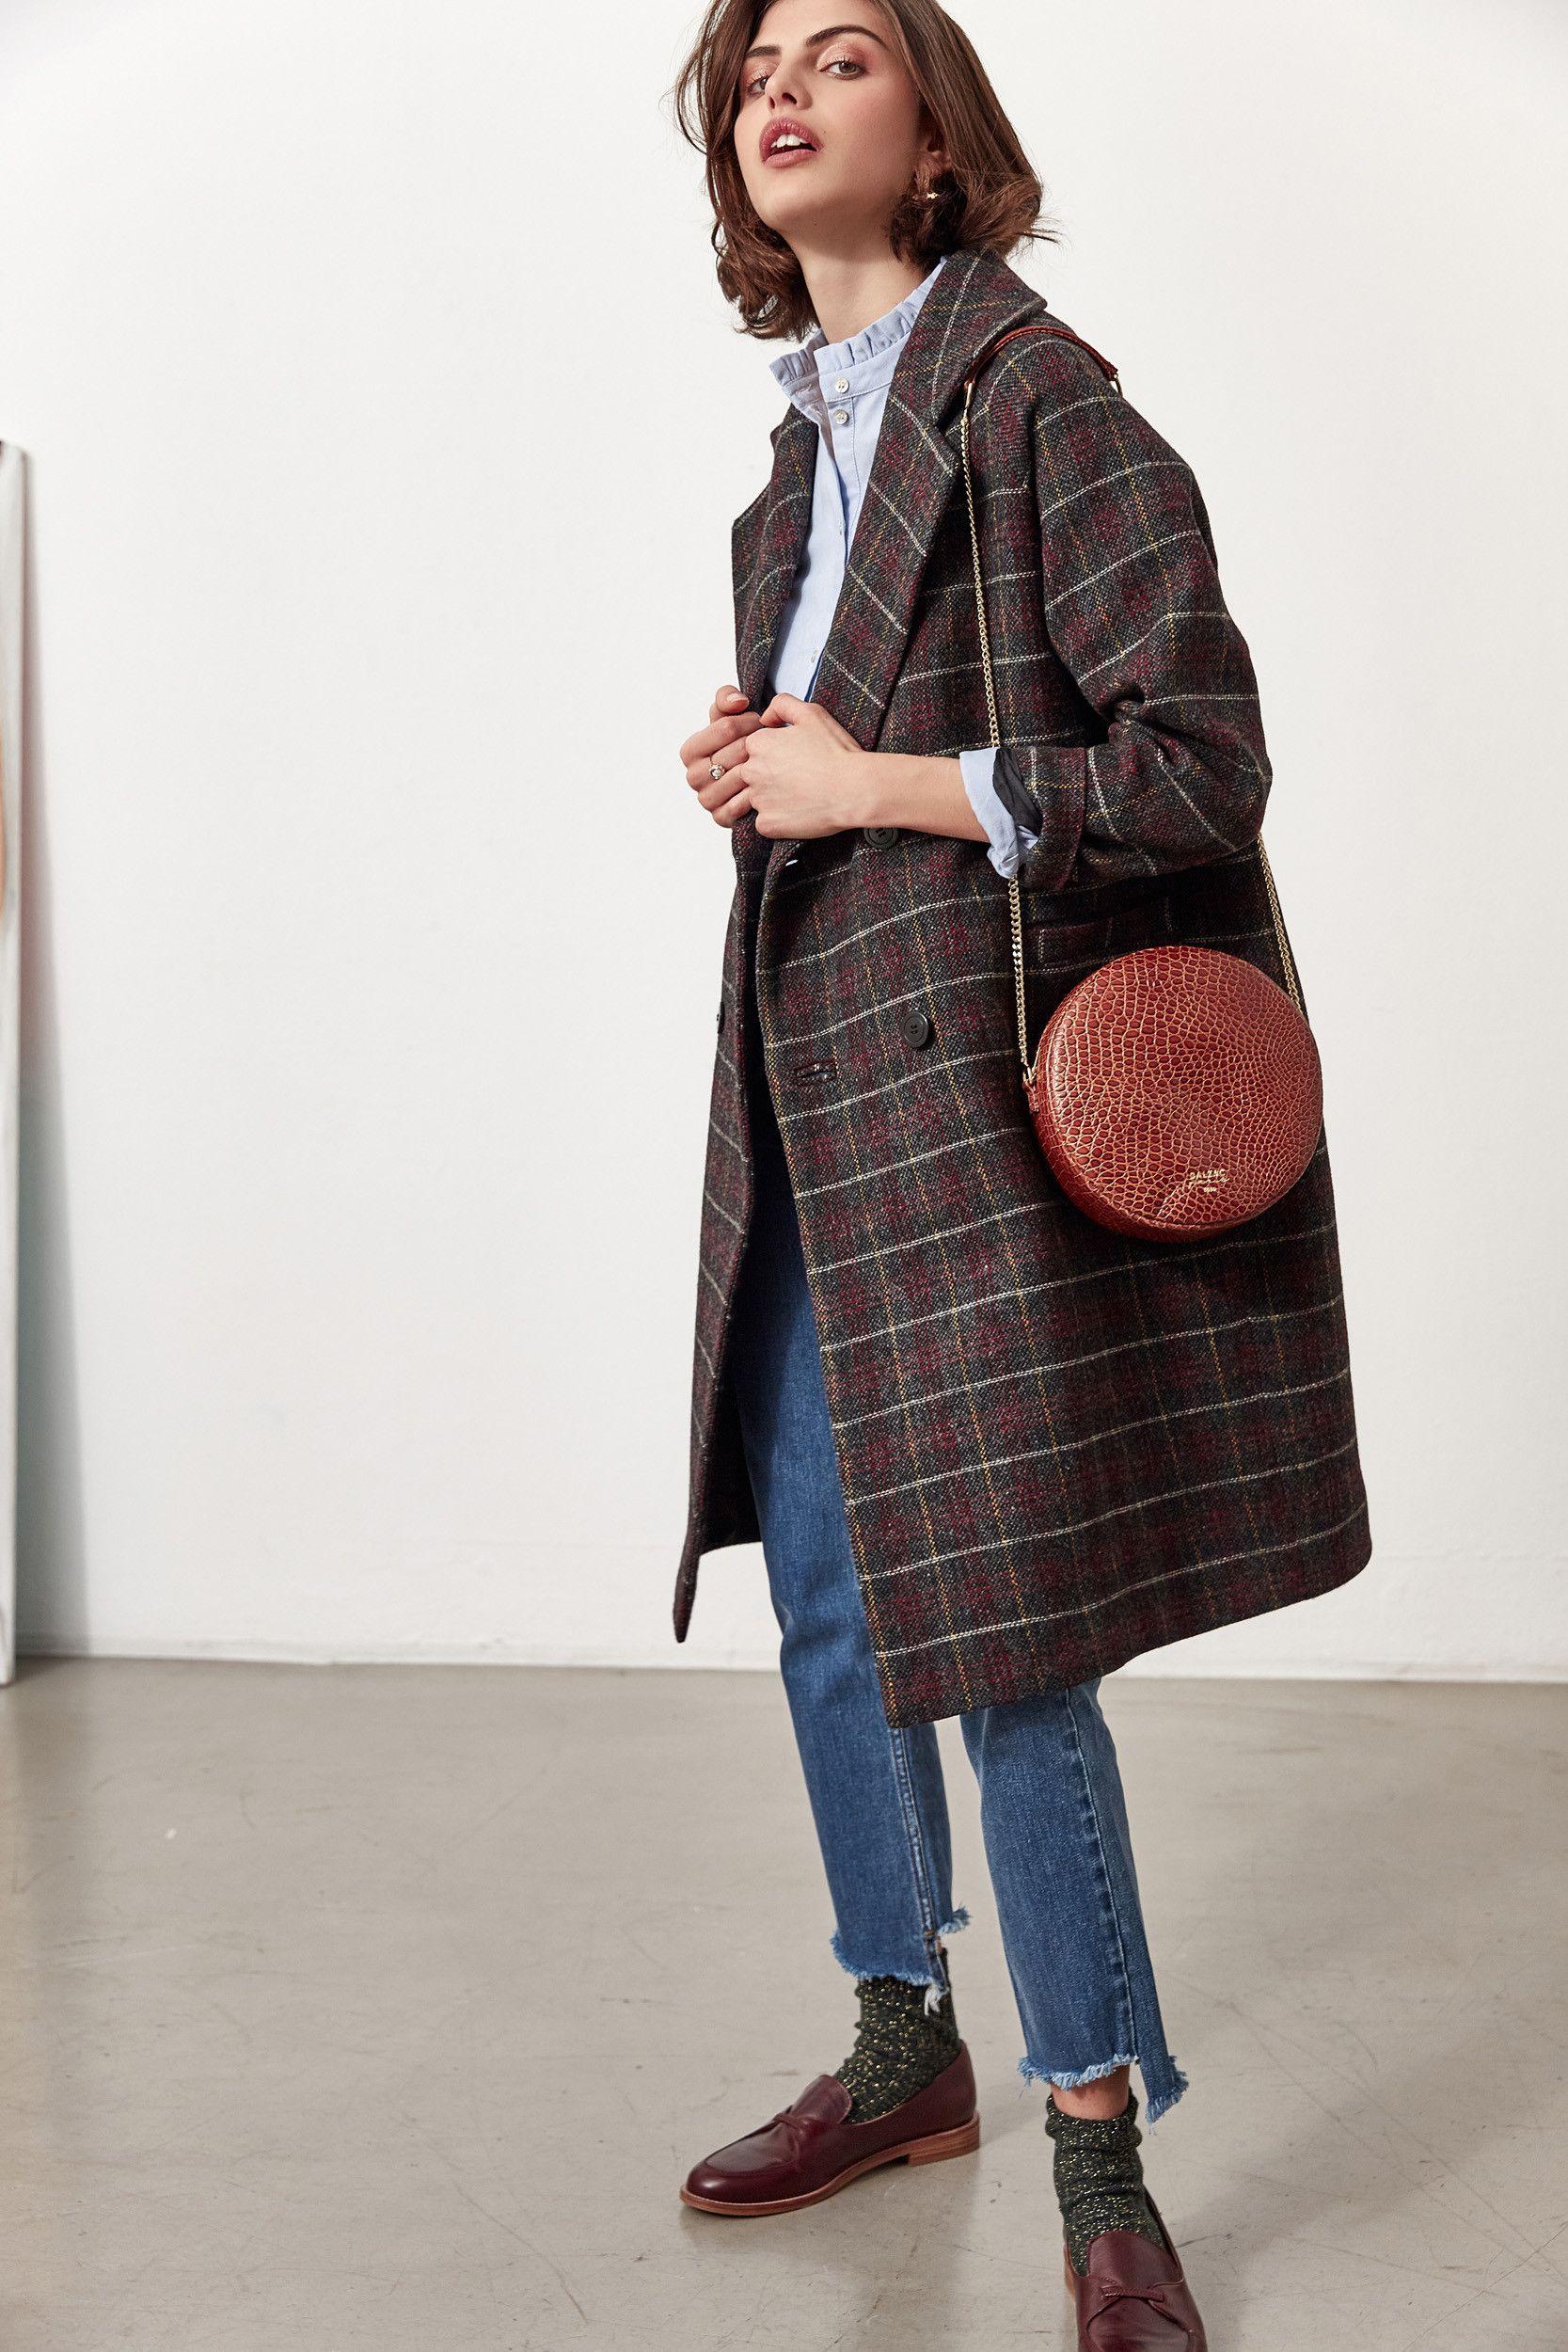 cf035d2fe Manteau Lenny gris à carreaux - Manteaux et vestes - Les Vêtements - Eshop